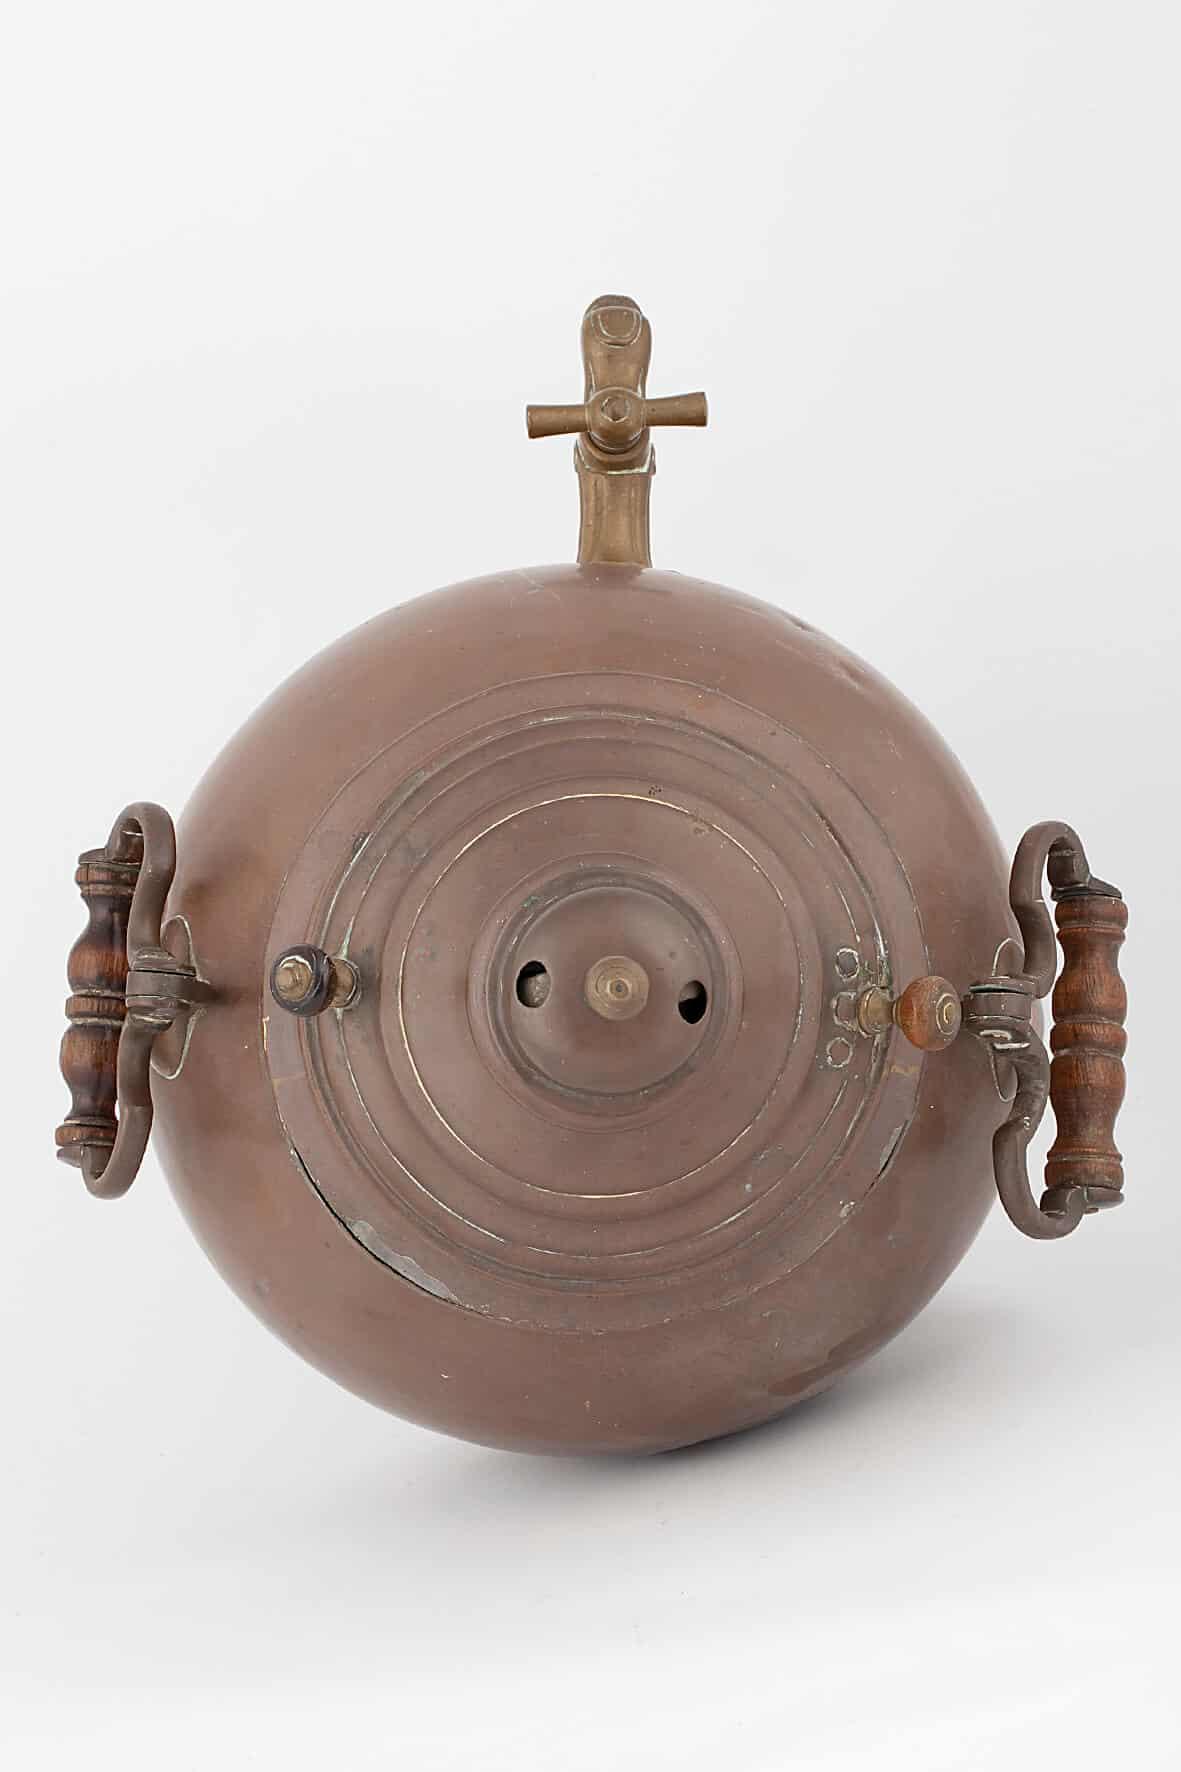 КБ 493 | Самовар ваза коническая на плоском поддон | Музей самоваров и бульоток